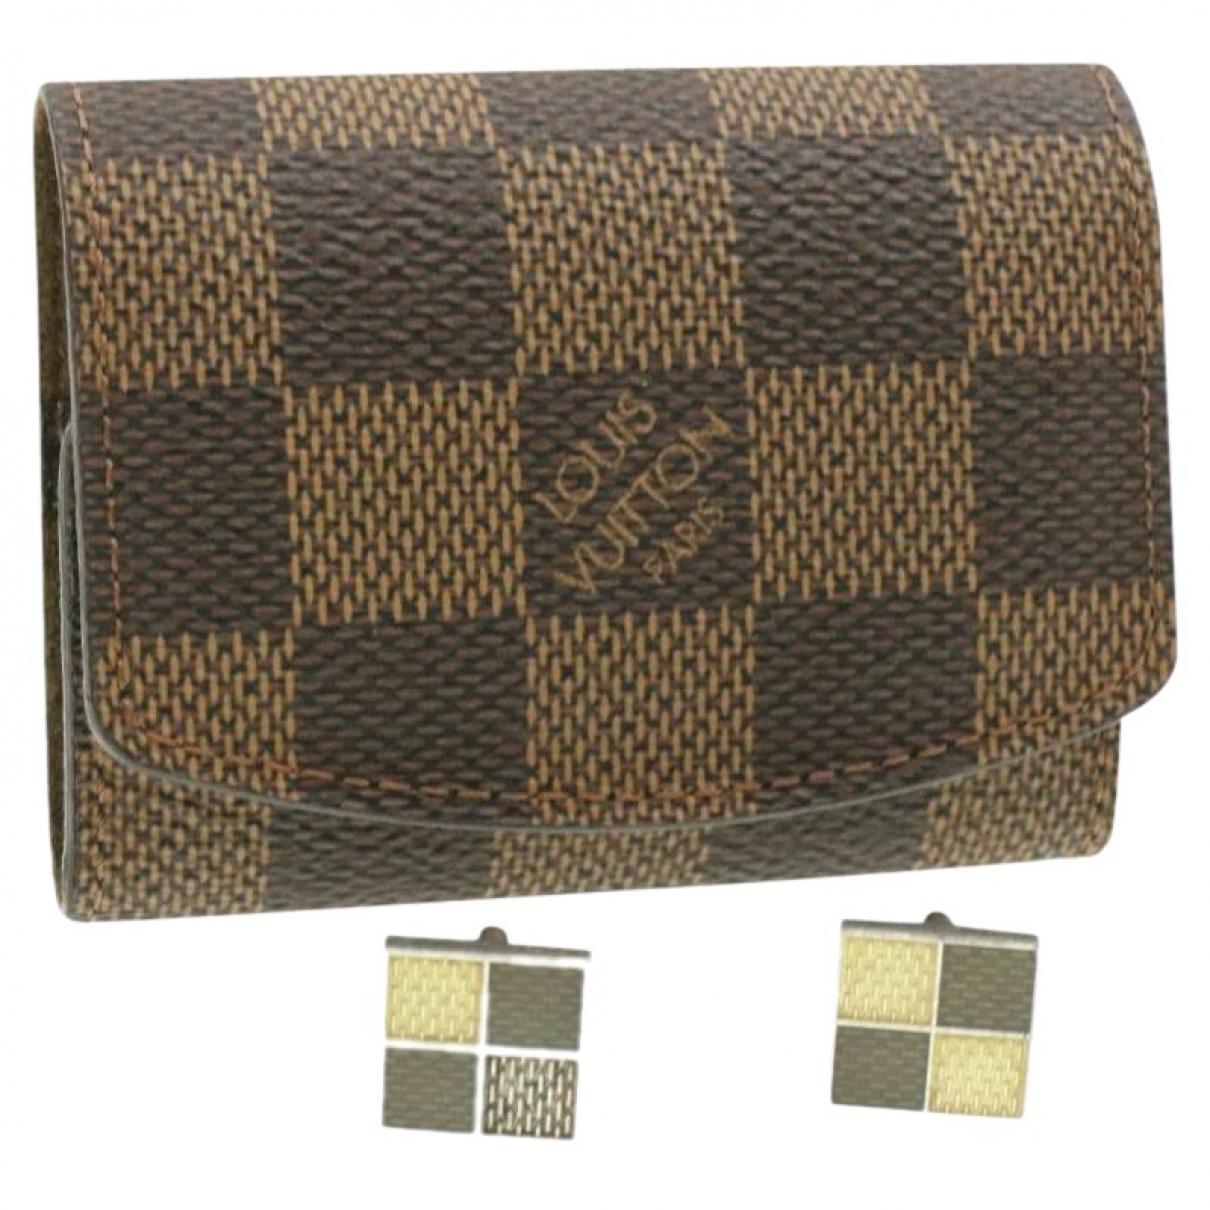 Gemelos Louis Vuitton